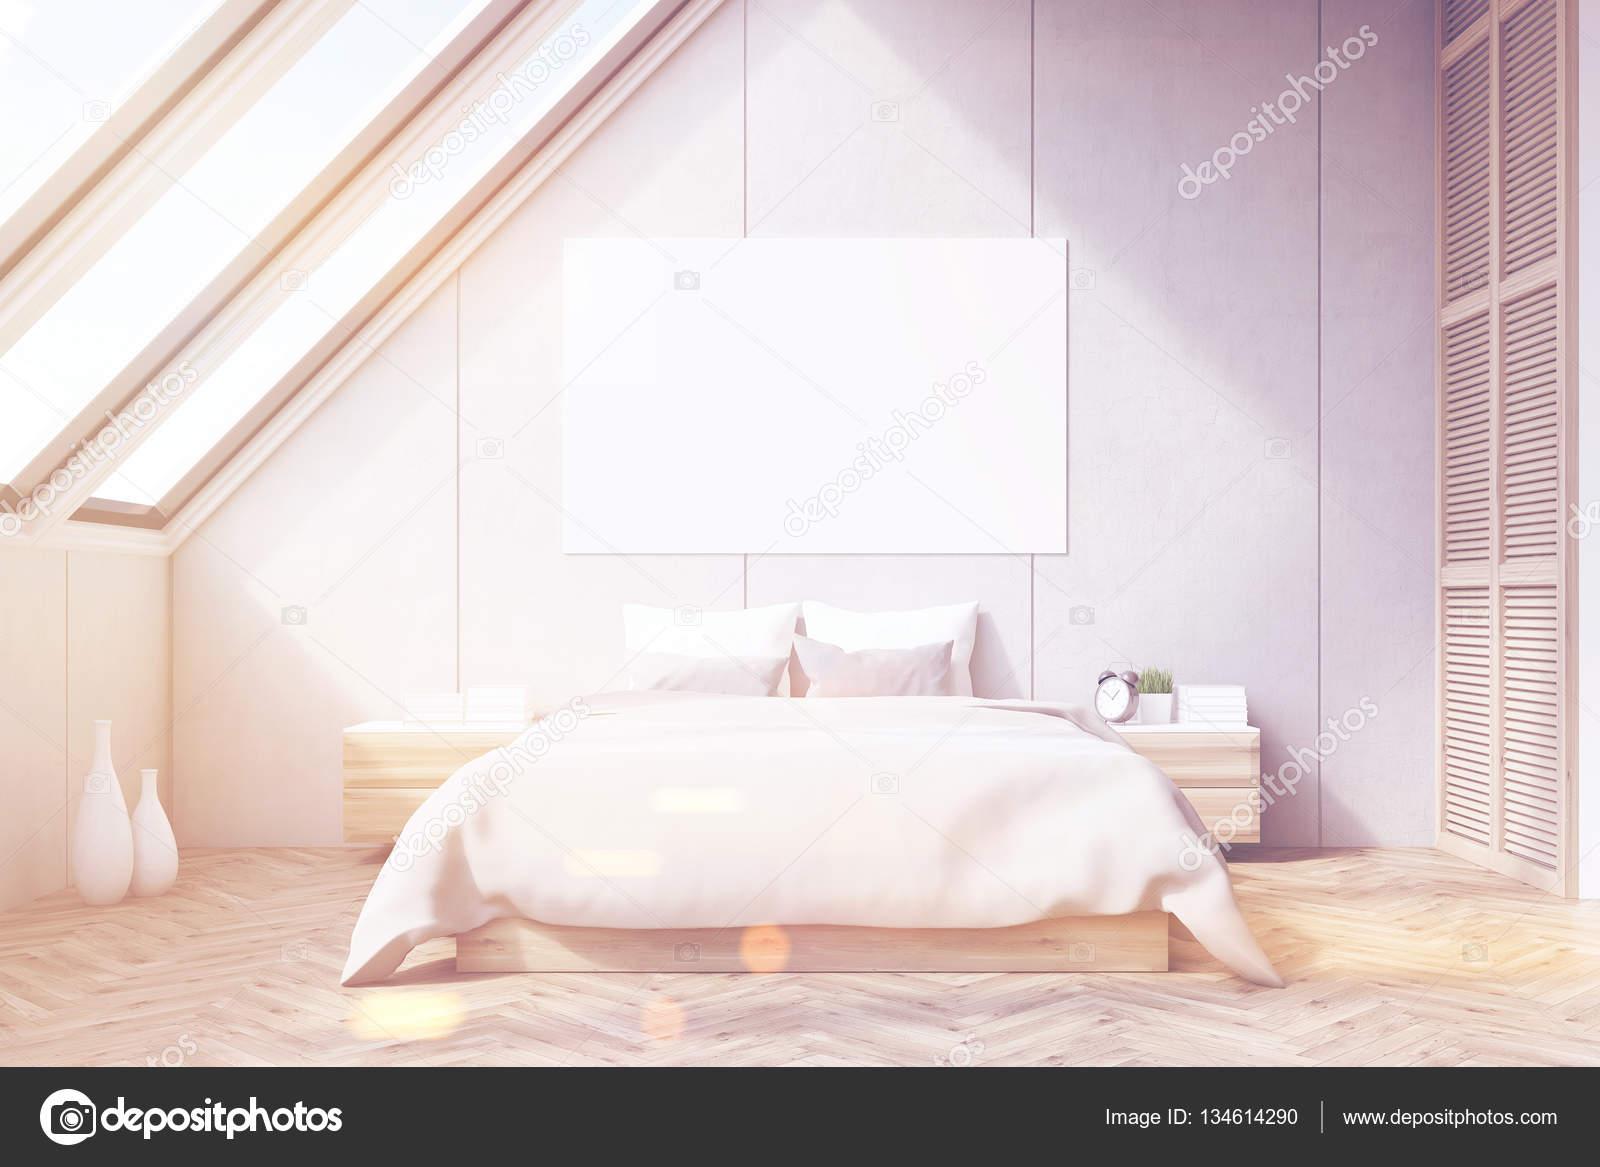 다락방 침실, 나무 바닥, 톤 — 스톡 사진 © denisismagilov #134614290